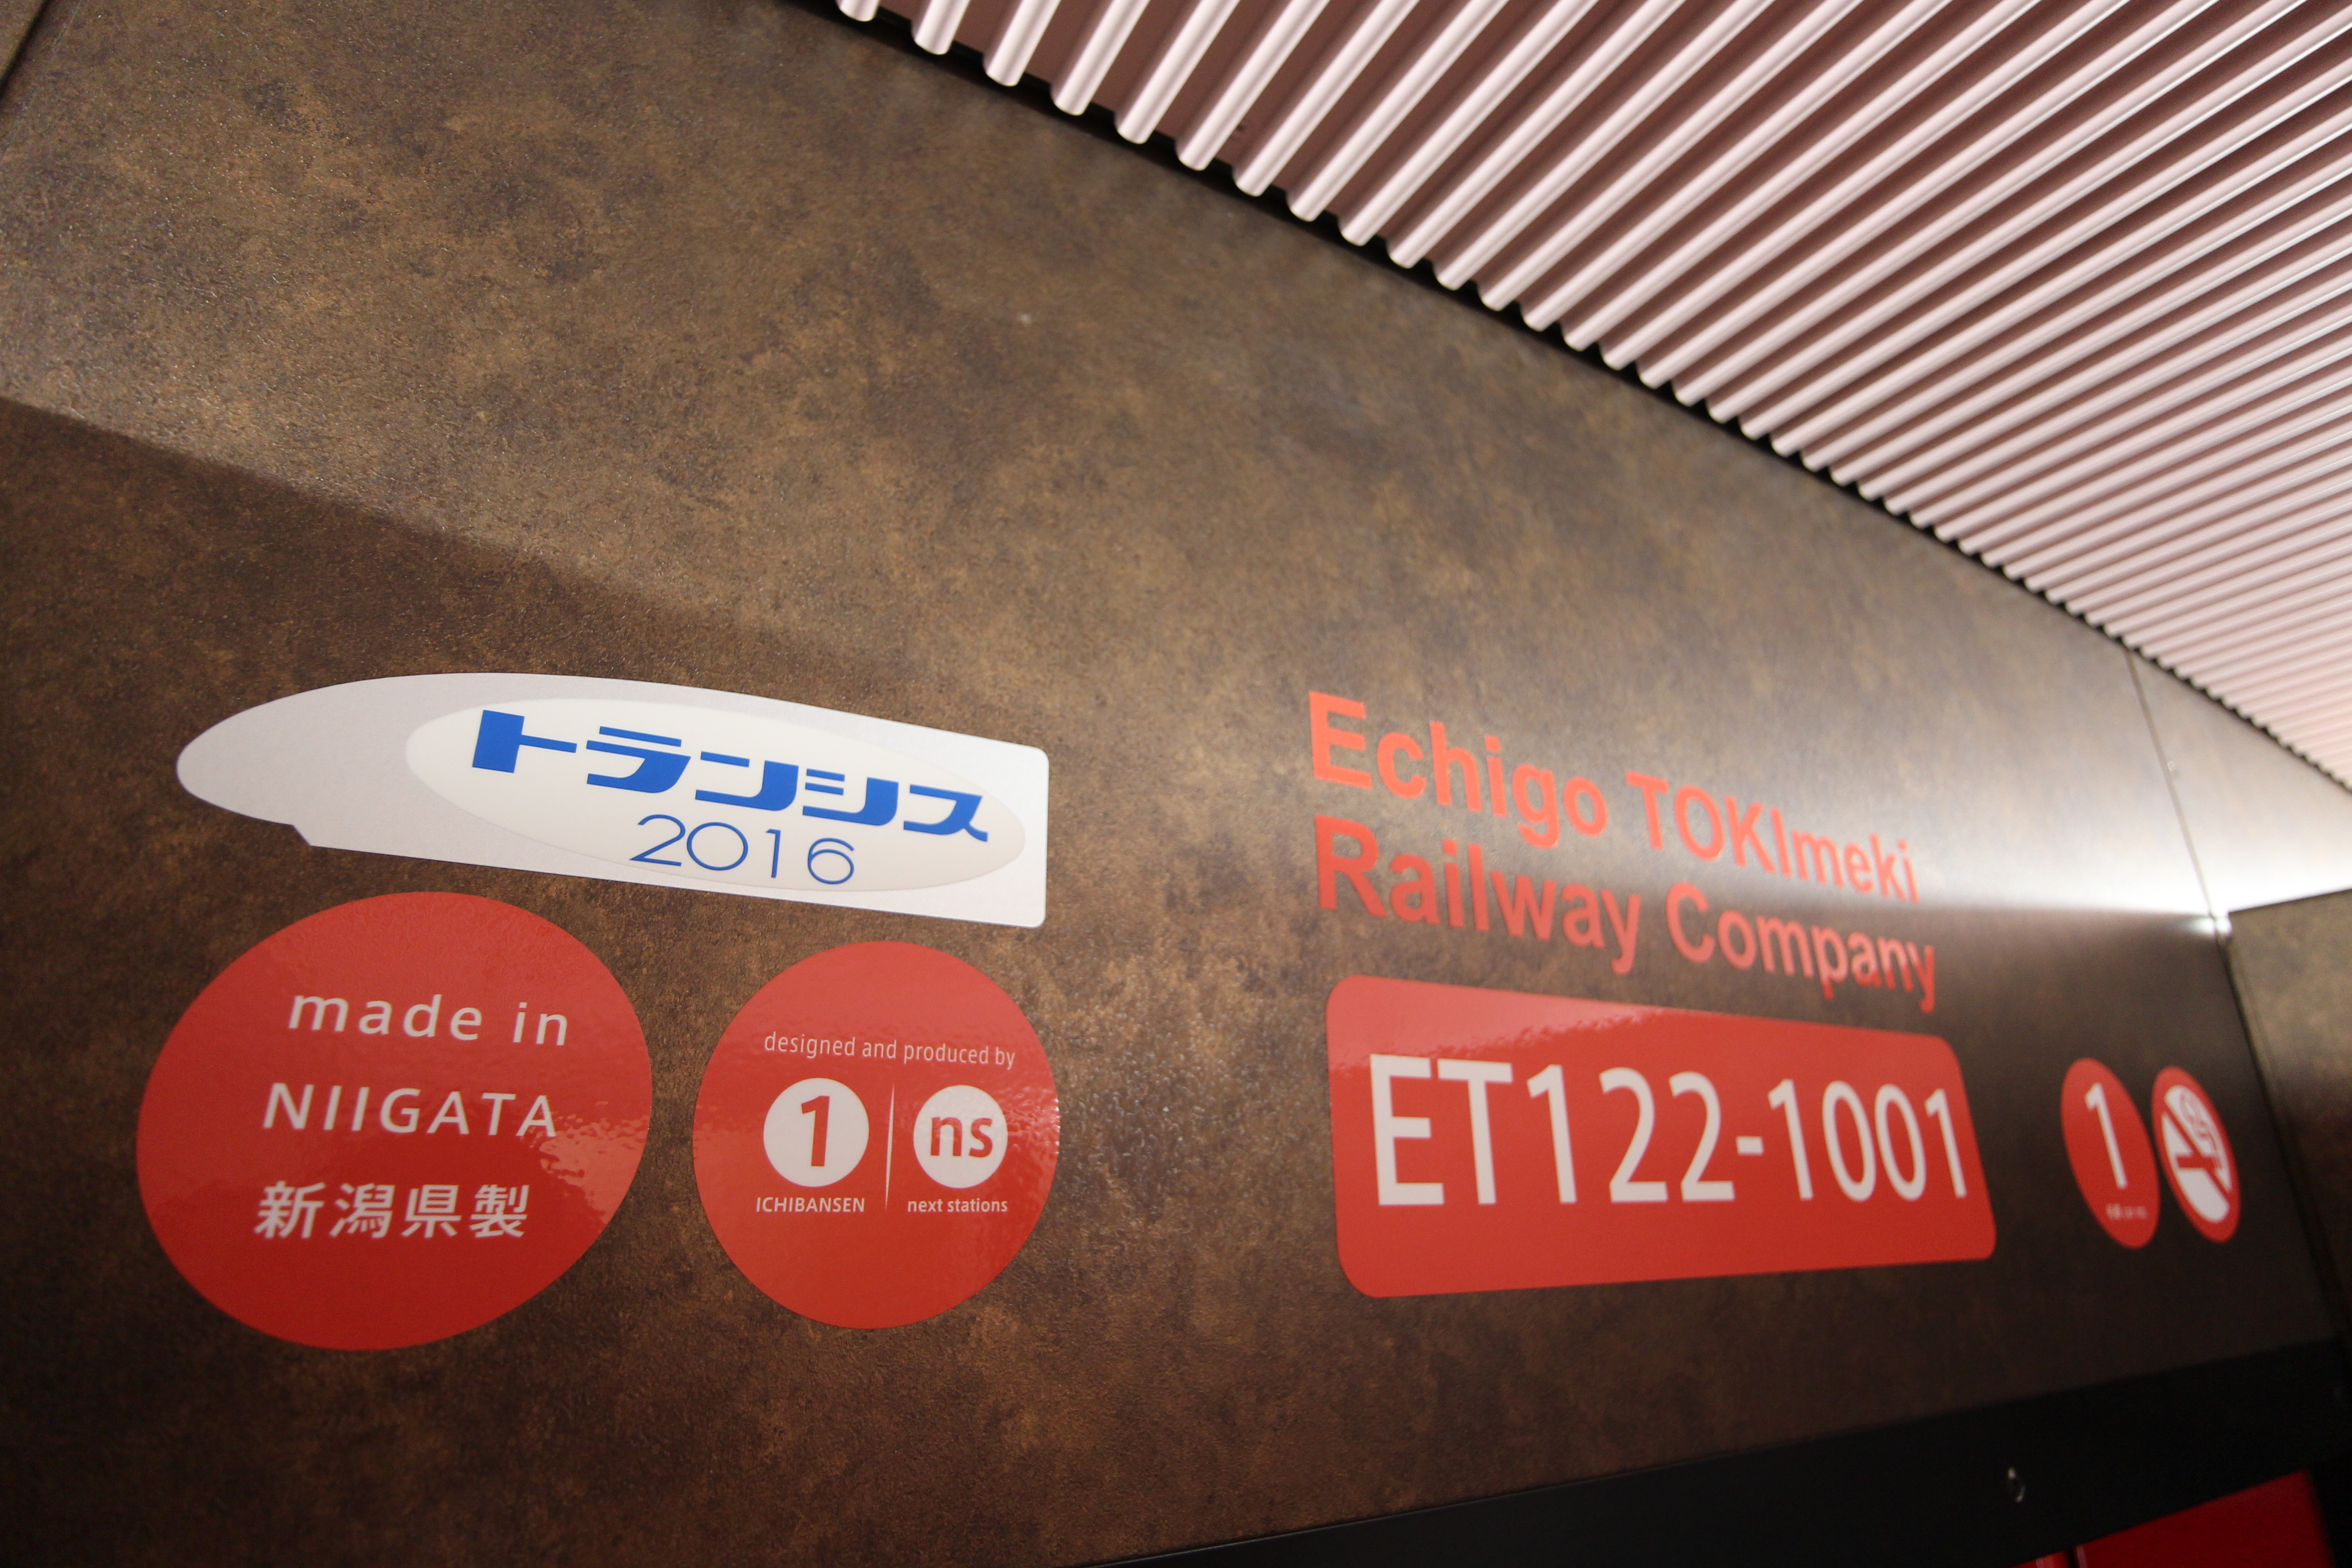 新潟県製の鉄道車両です